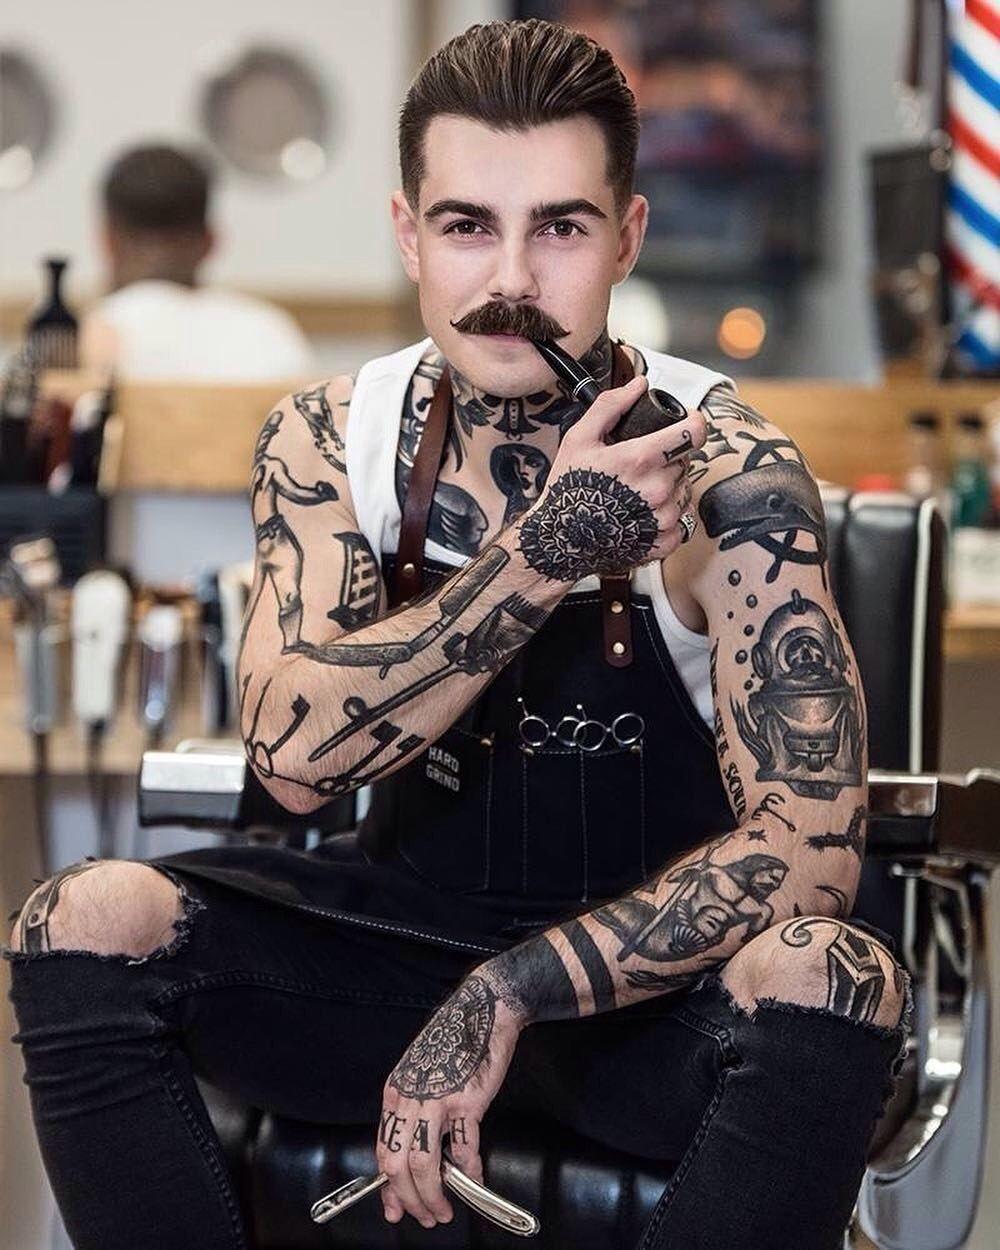 Cantor Todo Tatuado Brasileiro imagem de tatuagem na mão masculino por shawn beckman em